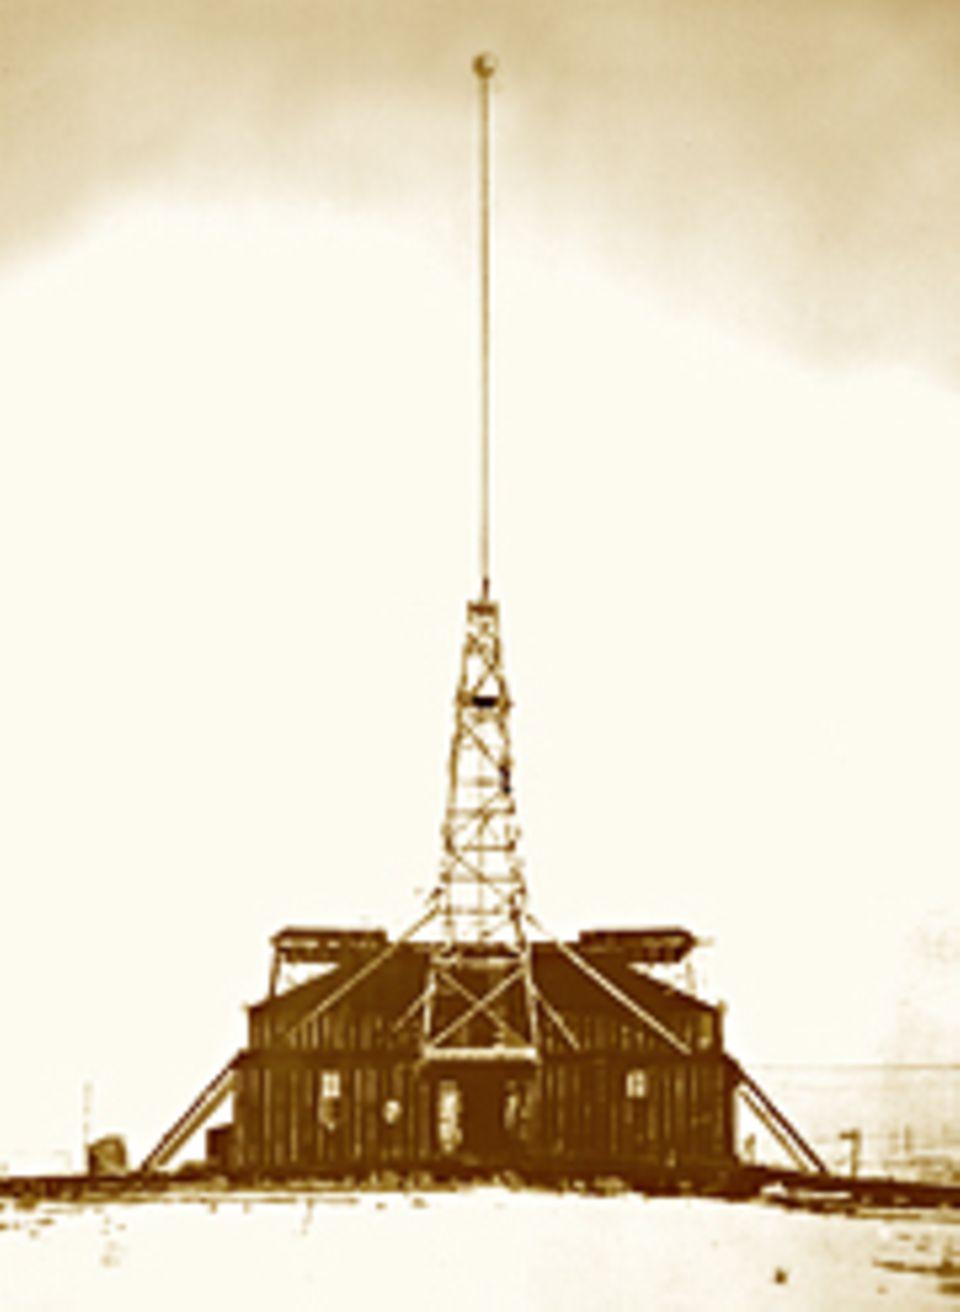 Erfinder: Eine Metallkugel krönt den 45 Meter hohen Mast von Teslas Versuchsstation in der Wüste bei Colorado Springs. Mit der Anlage erzeugt der Erfinder gewaltige Blitze und Radiowellen, um die elektrischen Kräfte zu erforschen und nutzbar zu machen